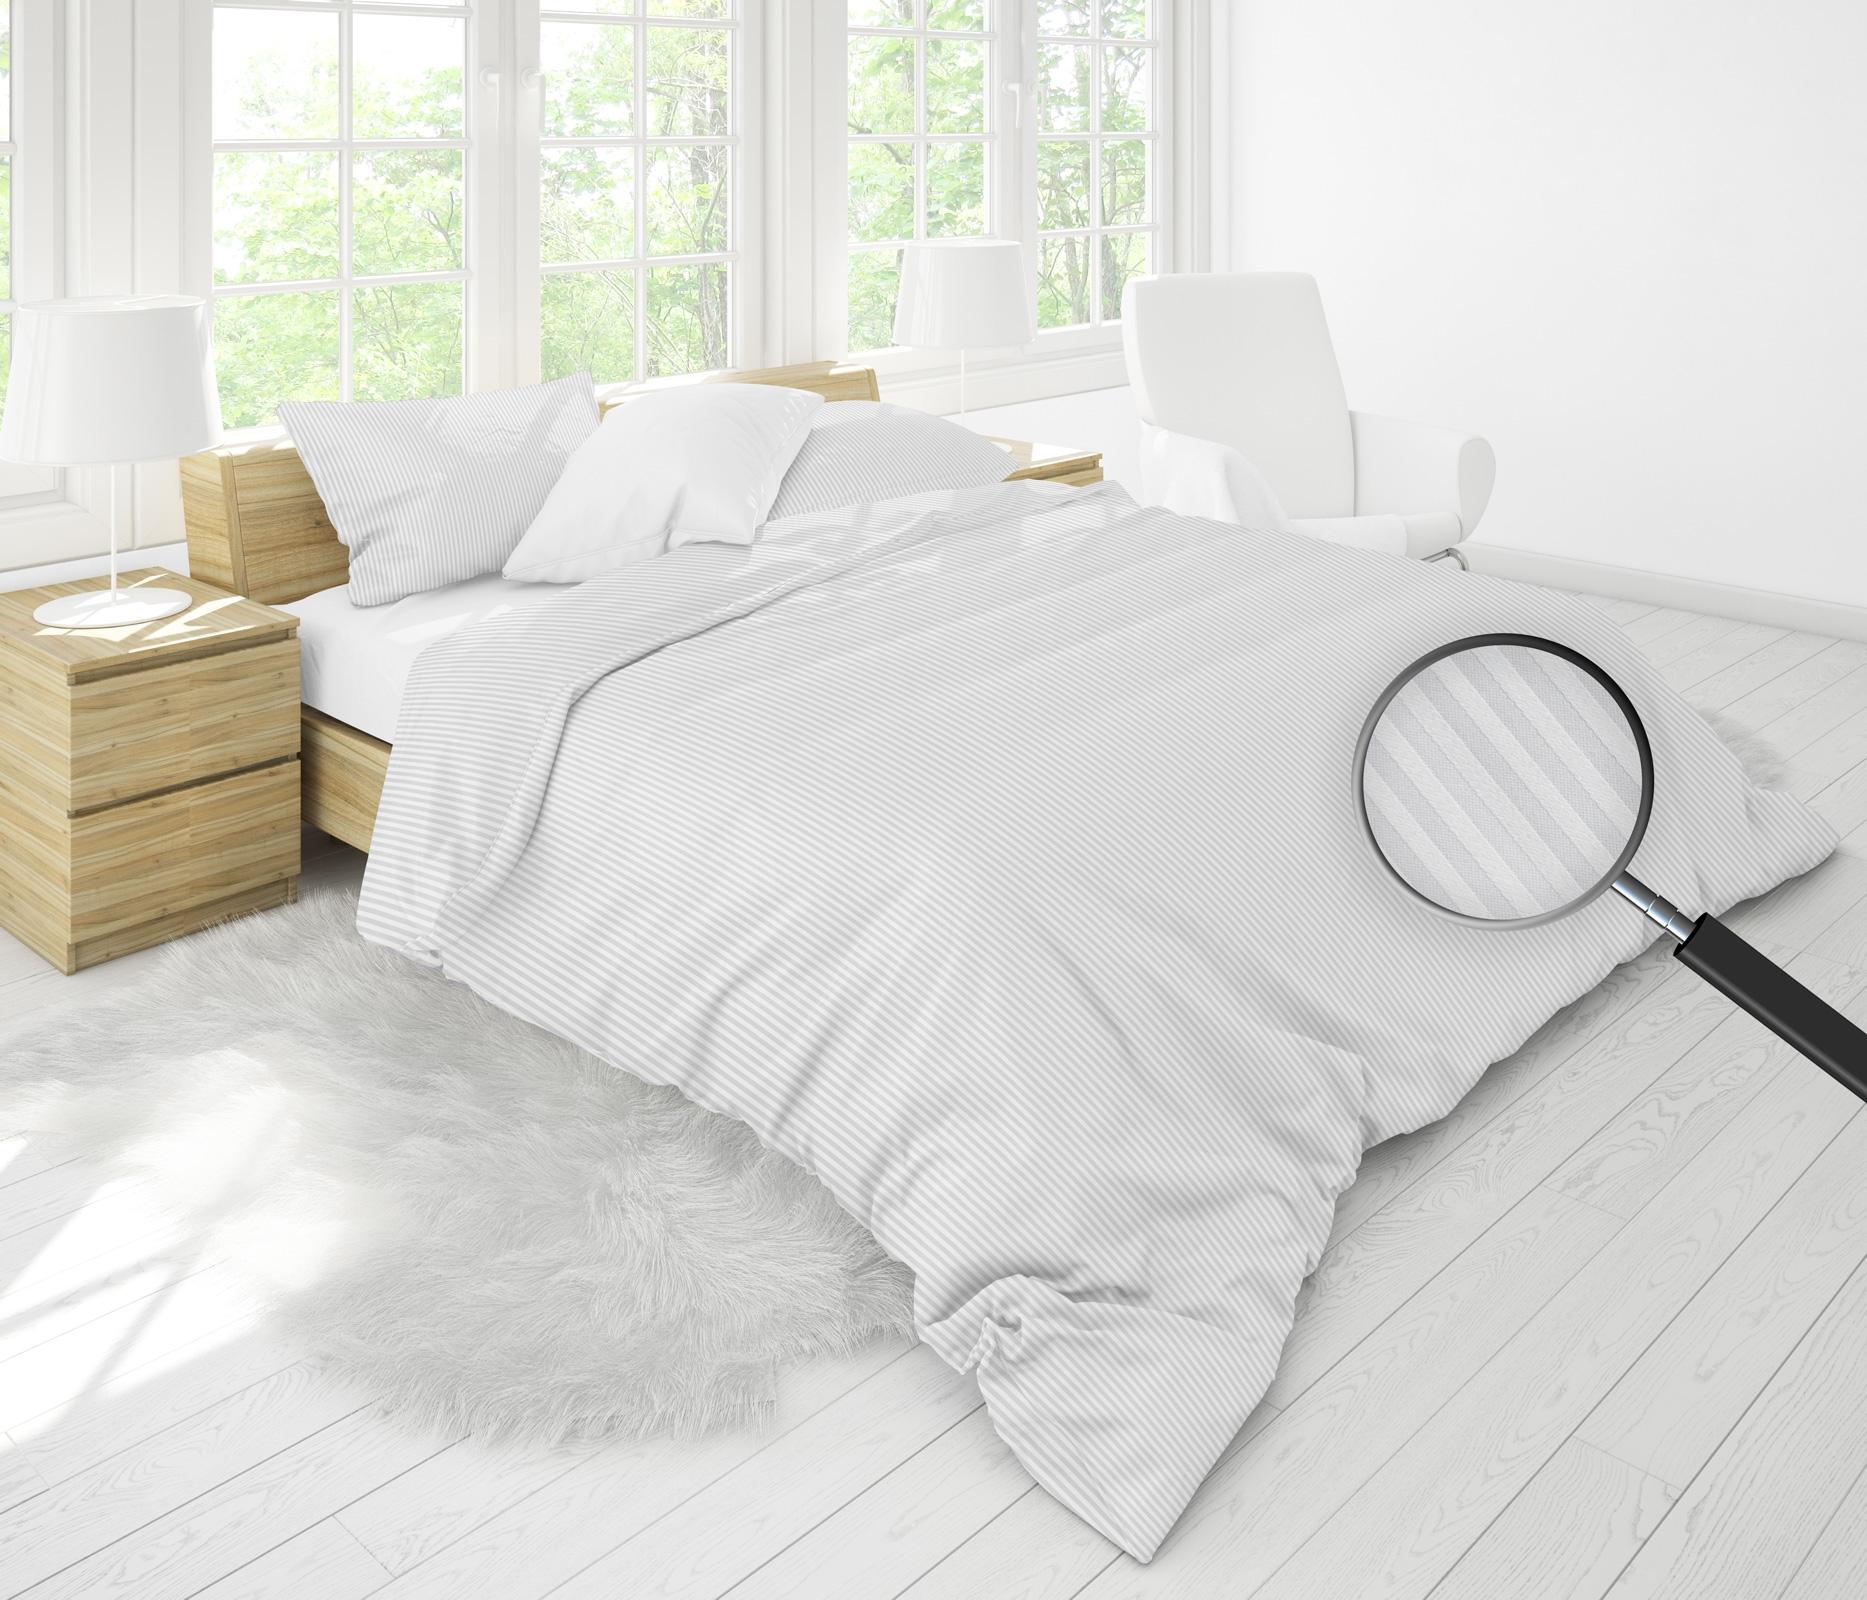 Bettwäsche - MOON Luxury Damast Bettwäsche 3mm Streifen silber 135x200 80x80 100 Baumwolle YKK Reißverschluss  - Onlineshop PremiumShop321